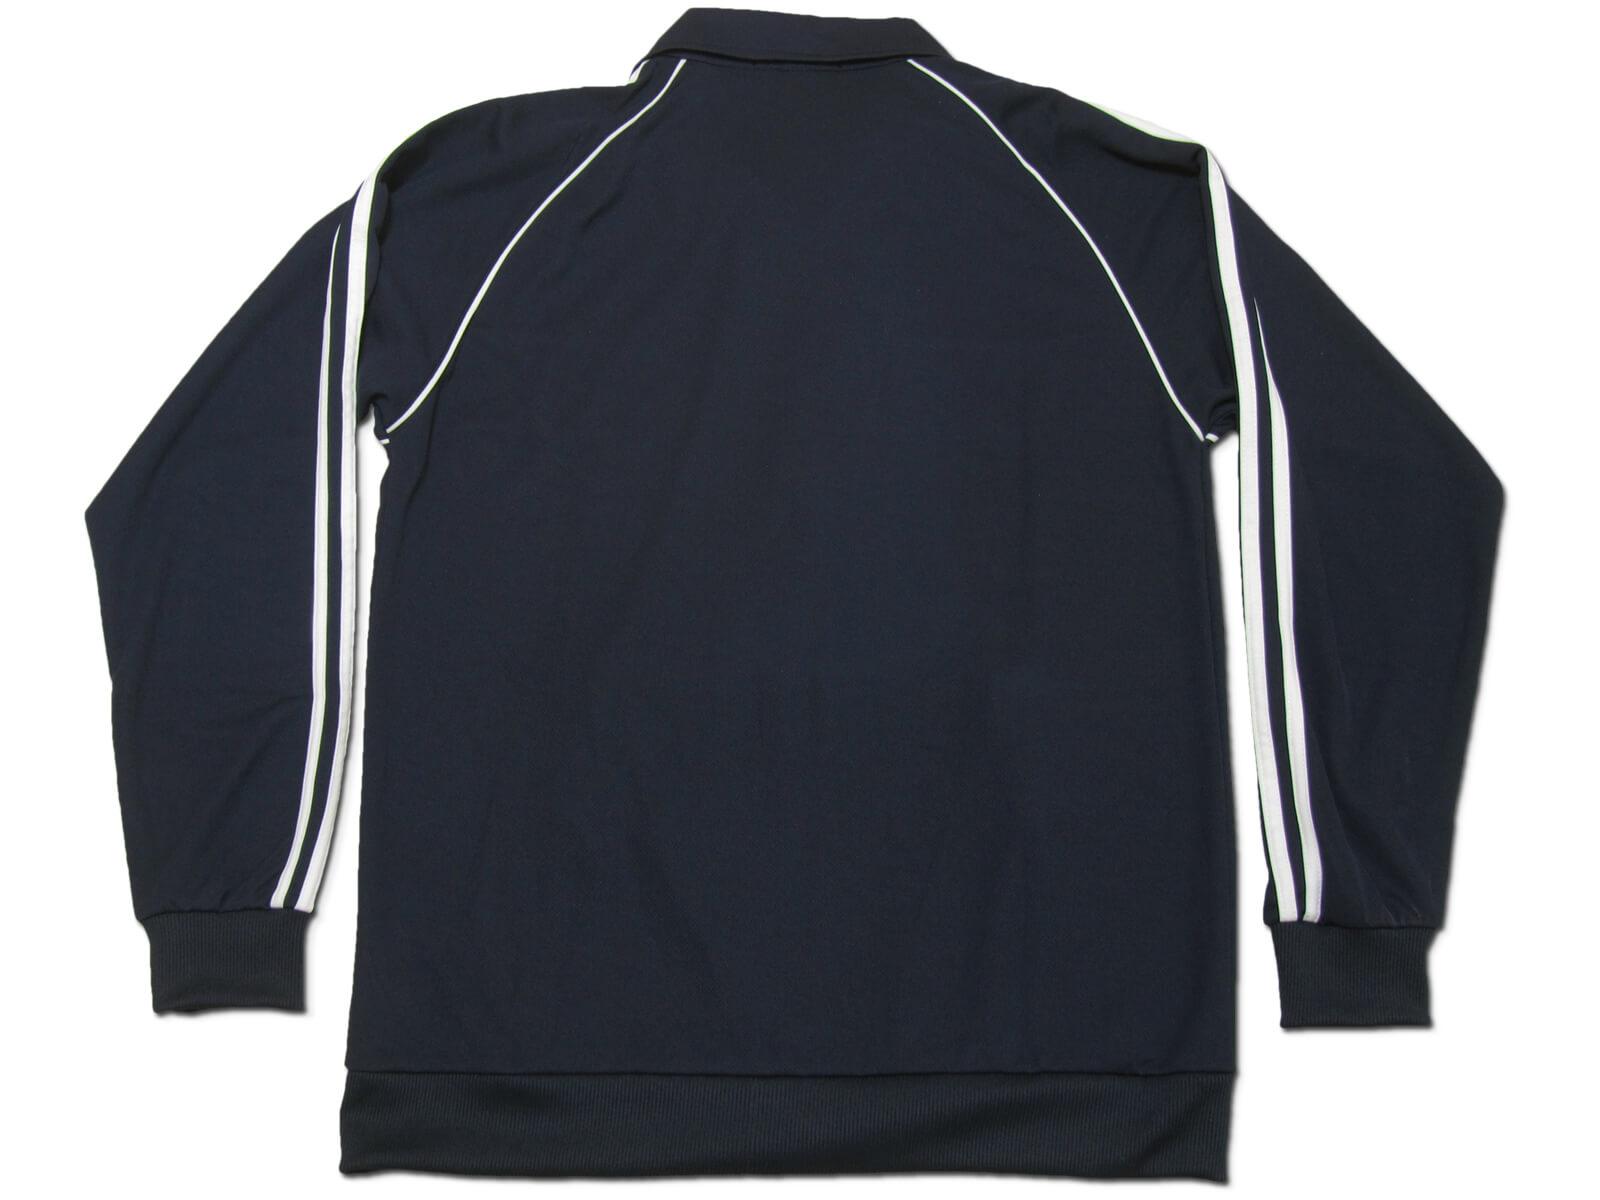 sun-e台灣製吸濕排汗薄外套、運動外套、單層薄外套、防曬外套、手臂配色織帶(310-7789-08)深藍色、(310-7789-21)黑色、(310-7789-22)深灰色 尺寸:L XL(胸圍:44~46英吋)(男女可穿) [實體店面保障] 2